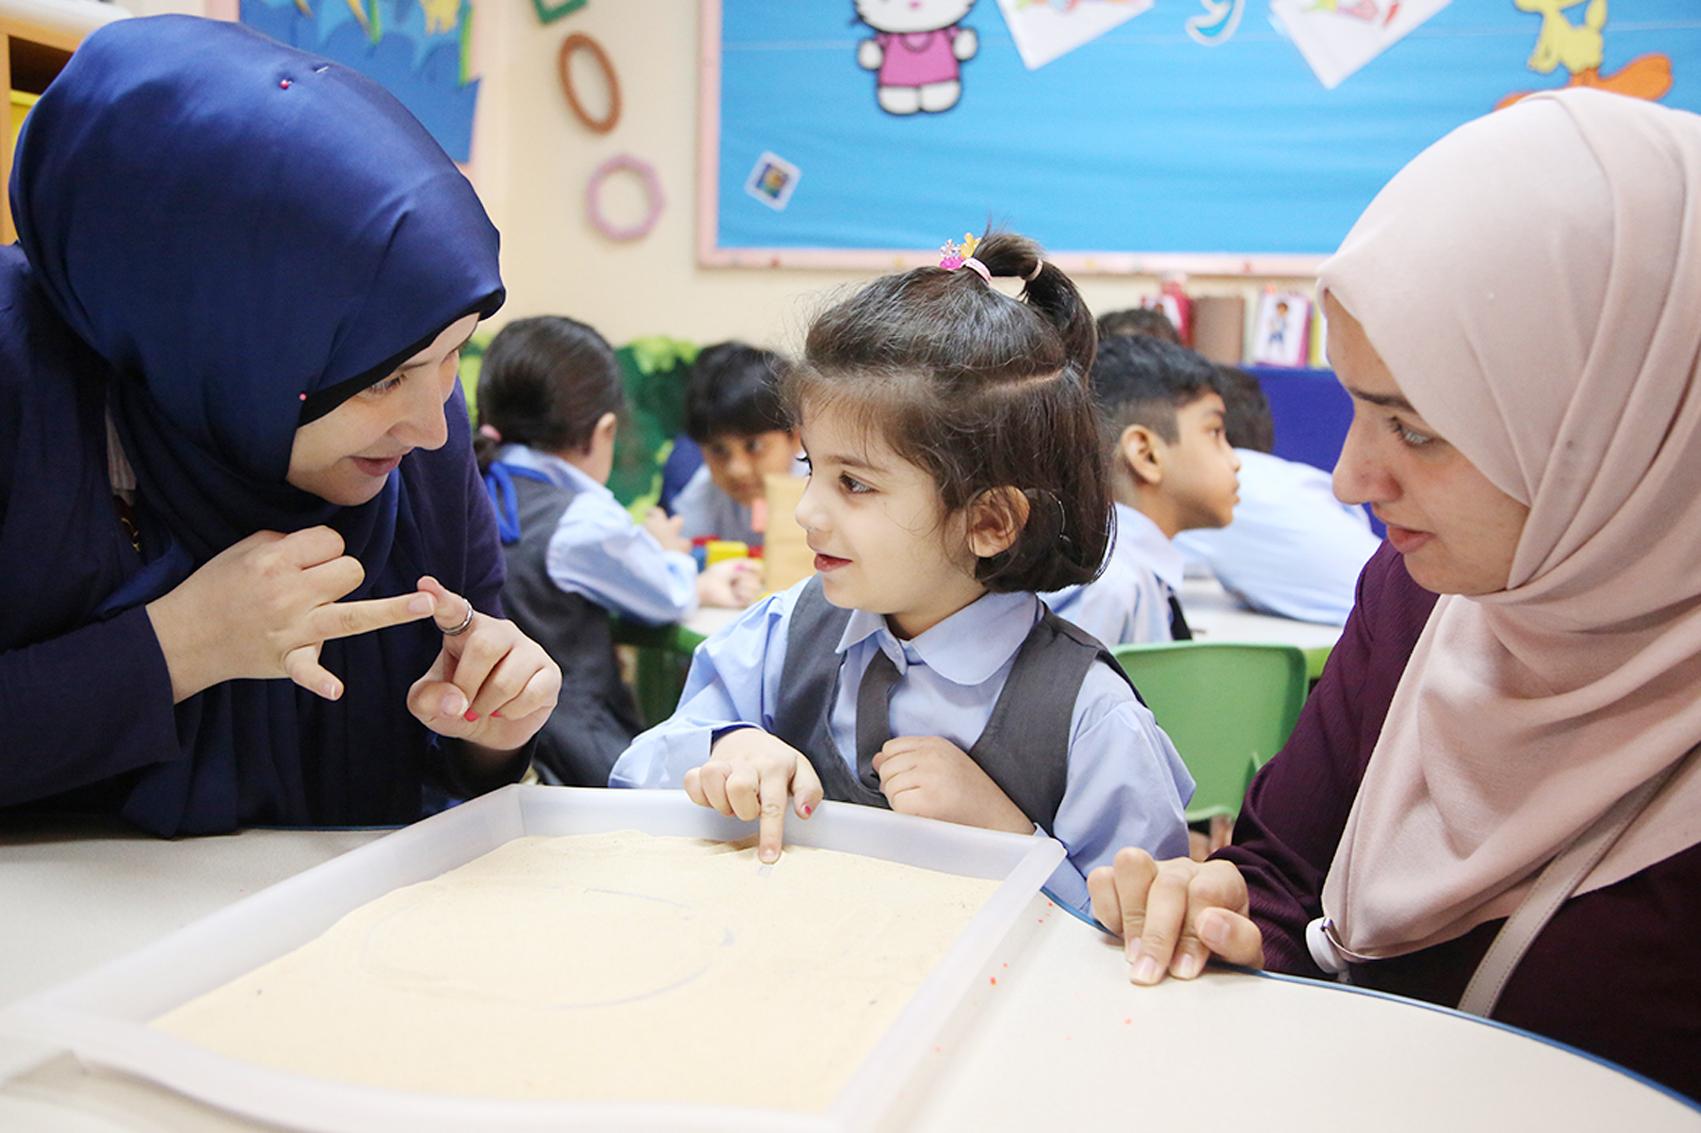 الخدمات الإنسانية تدمج 15 طالباً من ذوي الإعاقة في المدارس ورياض الأطفال